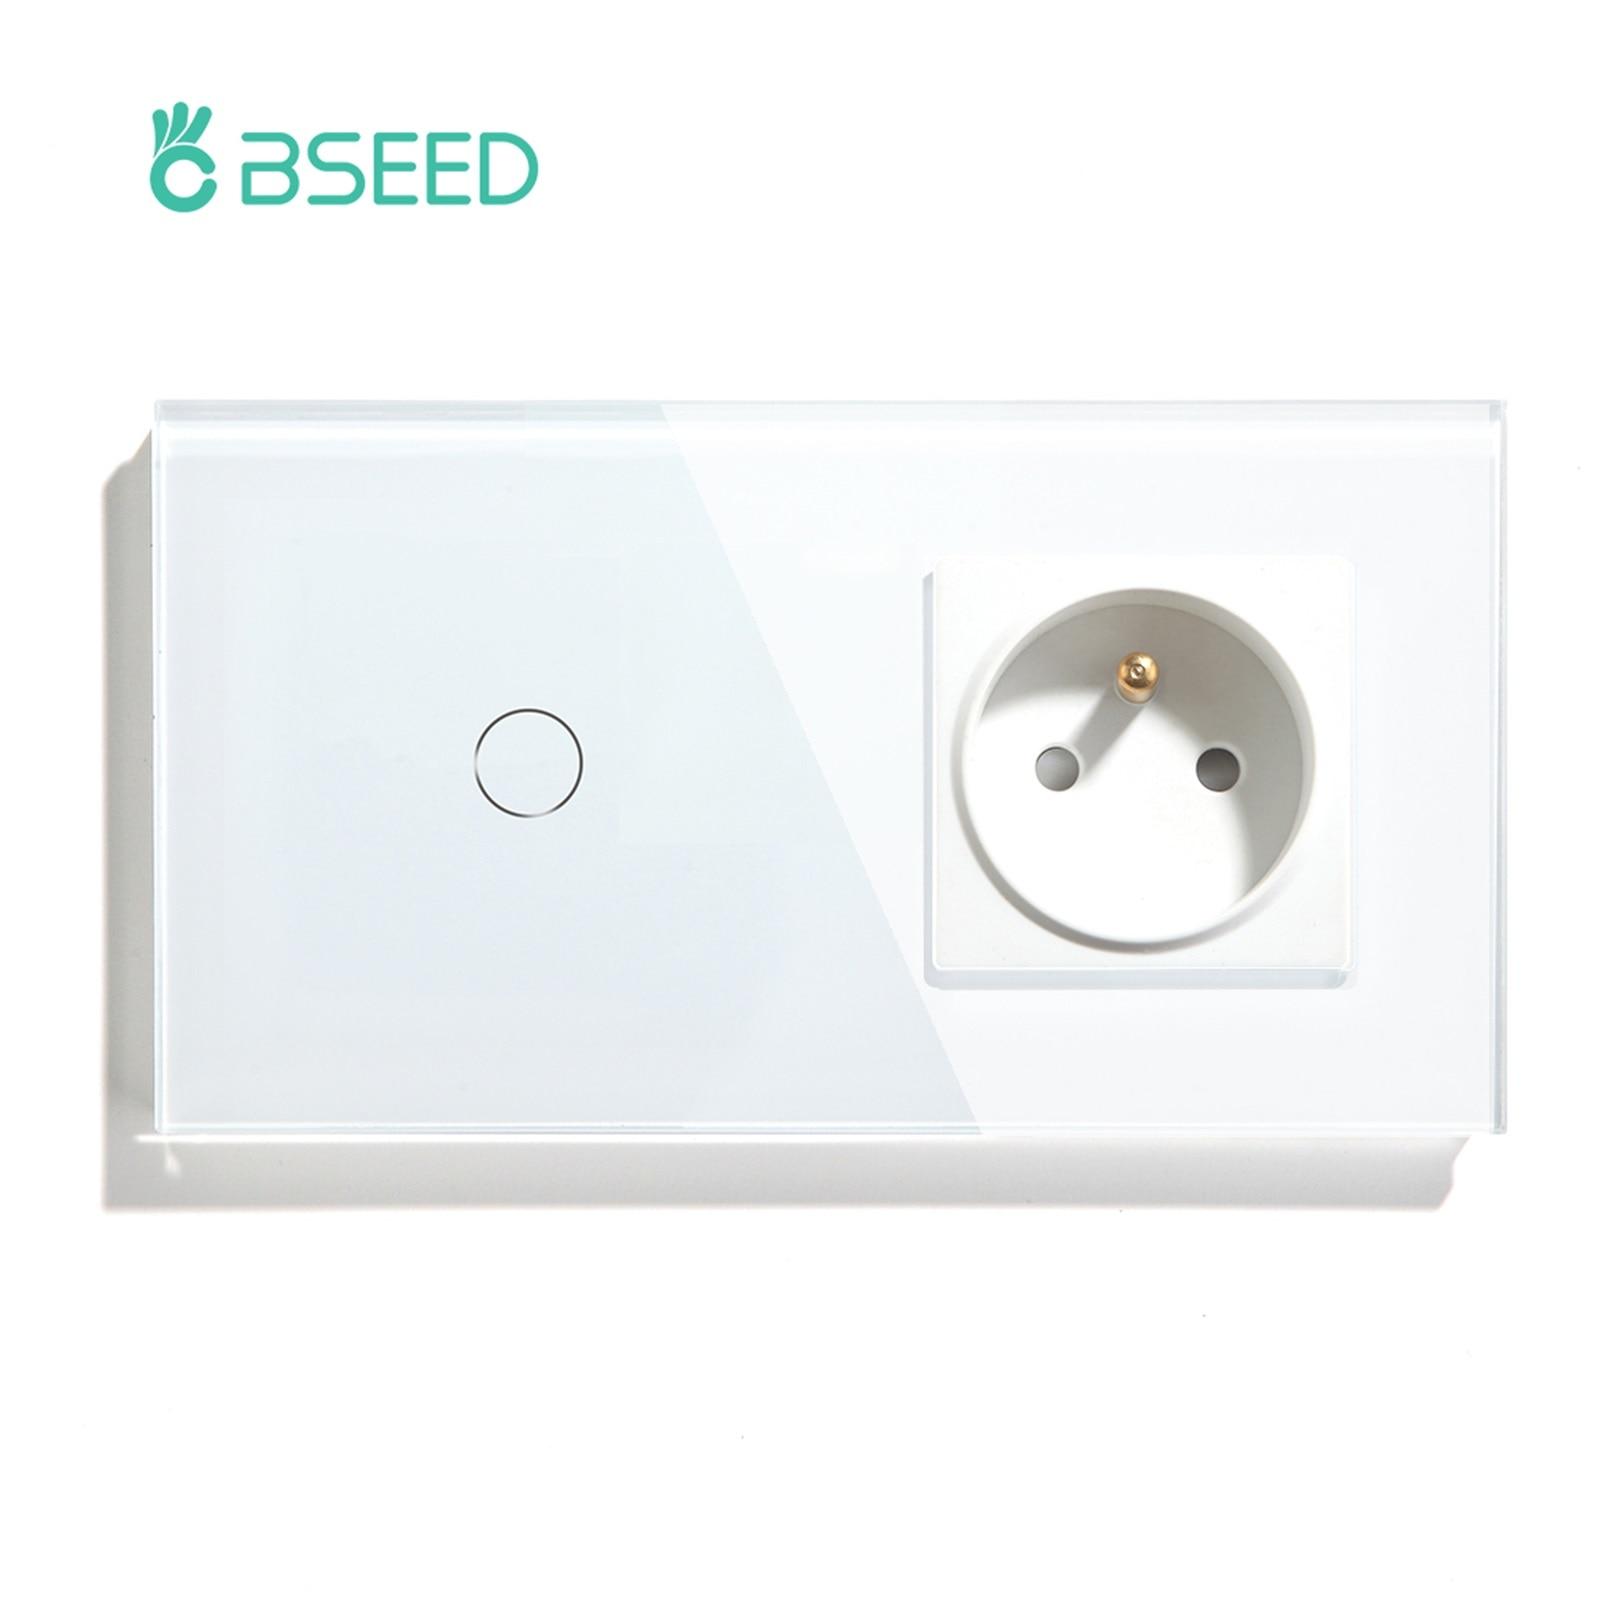 Bبالدخول مفتاح إضاءة يعمل باللمس 1 عصابة 1 طريقة مع FR مقبس الحائط أبيض أسود الذهب جدار مفتاح مستشعر الكريستال والزجاج لوحة المنزل